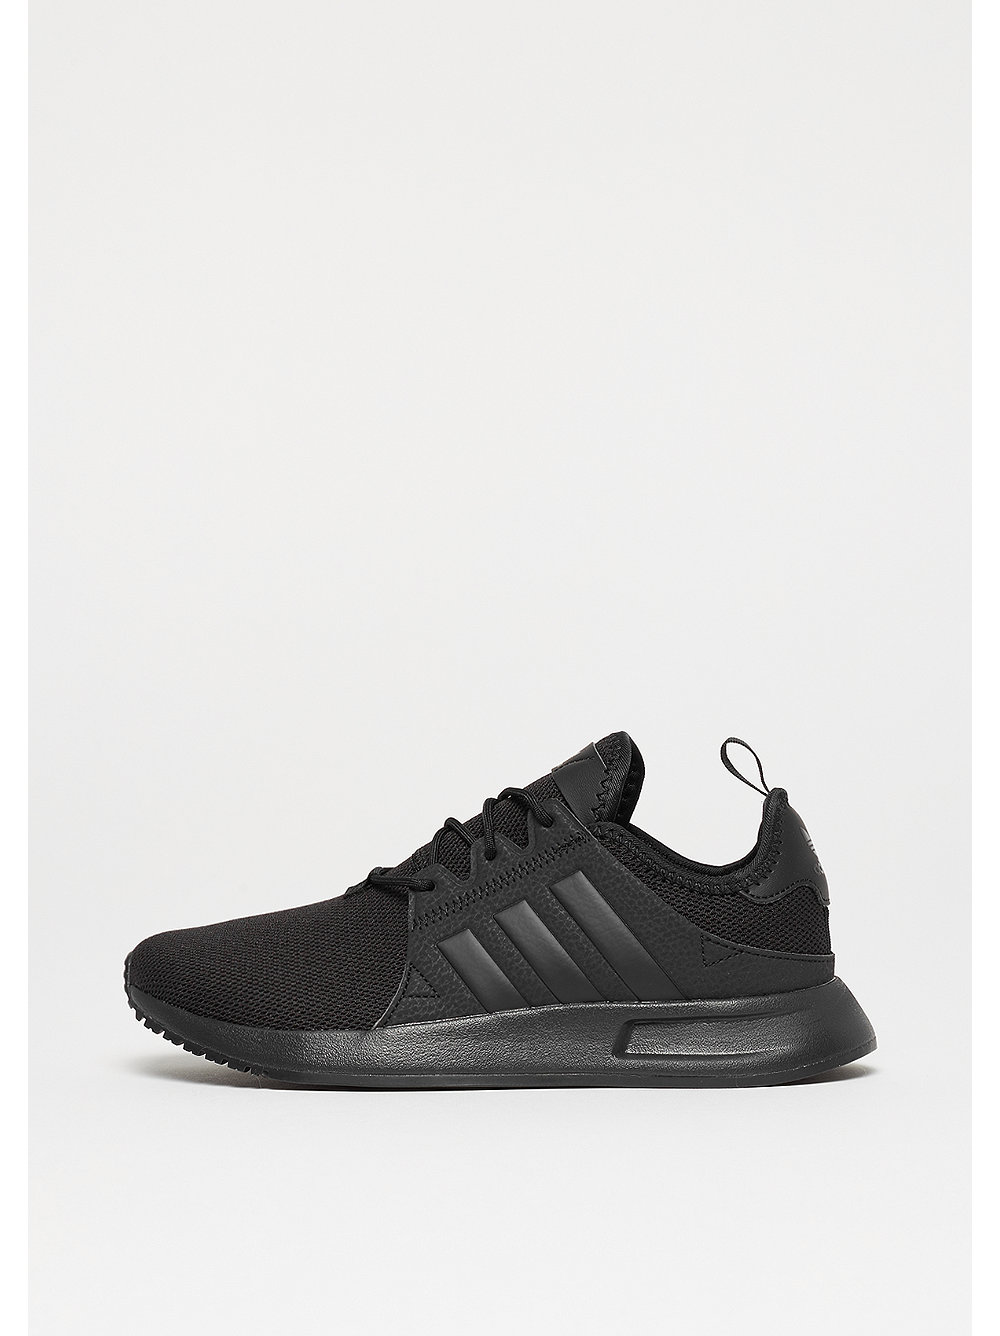 adidas X PLR core black  2  bei SNIPES bestellen d3f677f6f